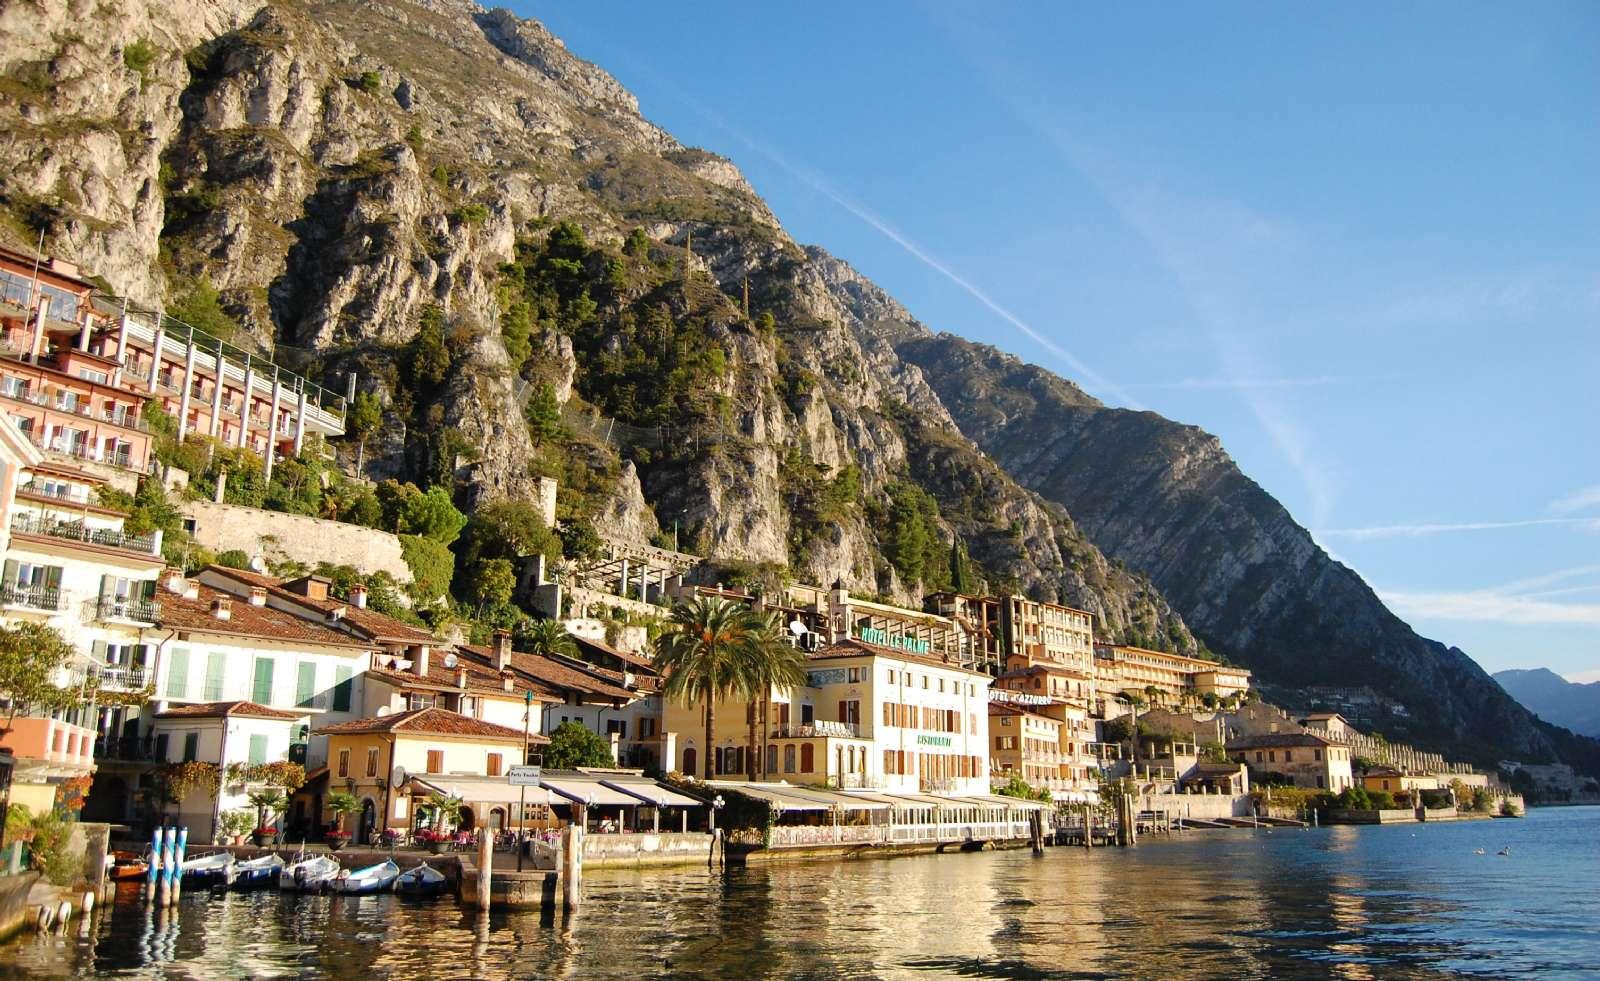 Limone sul Garda i solskin på bredden af Gardasøen